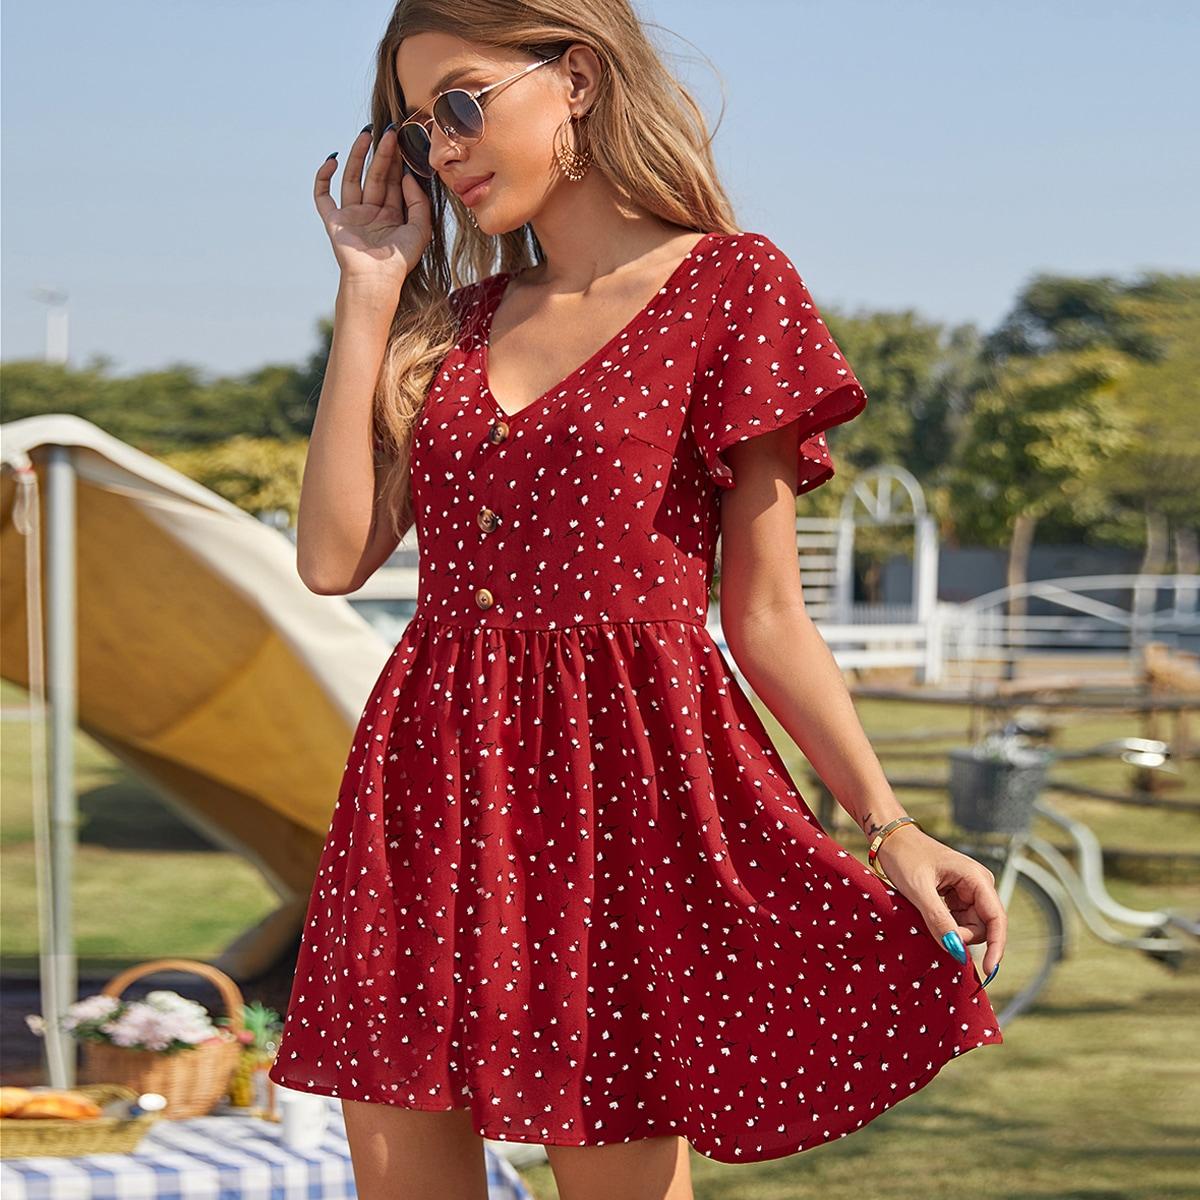 Пуговица цветочный Повседневный Платье по цене 592